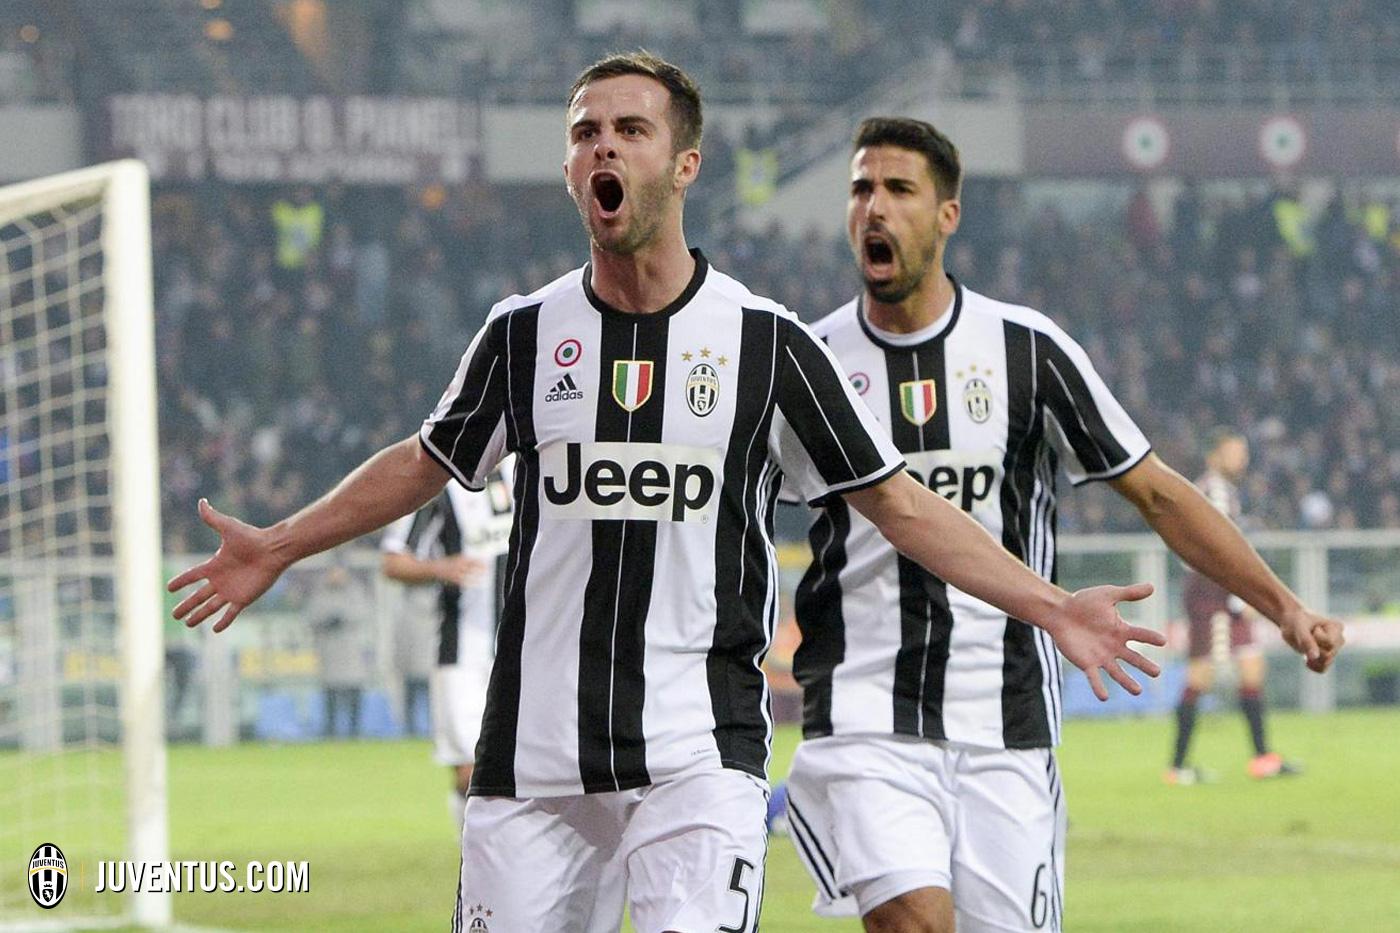 Харт: ушел в Торино, поскольку уже не нужен Манчестер Сити